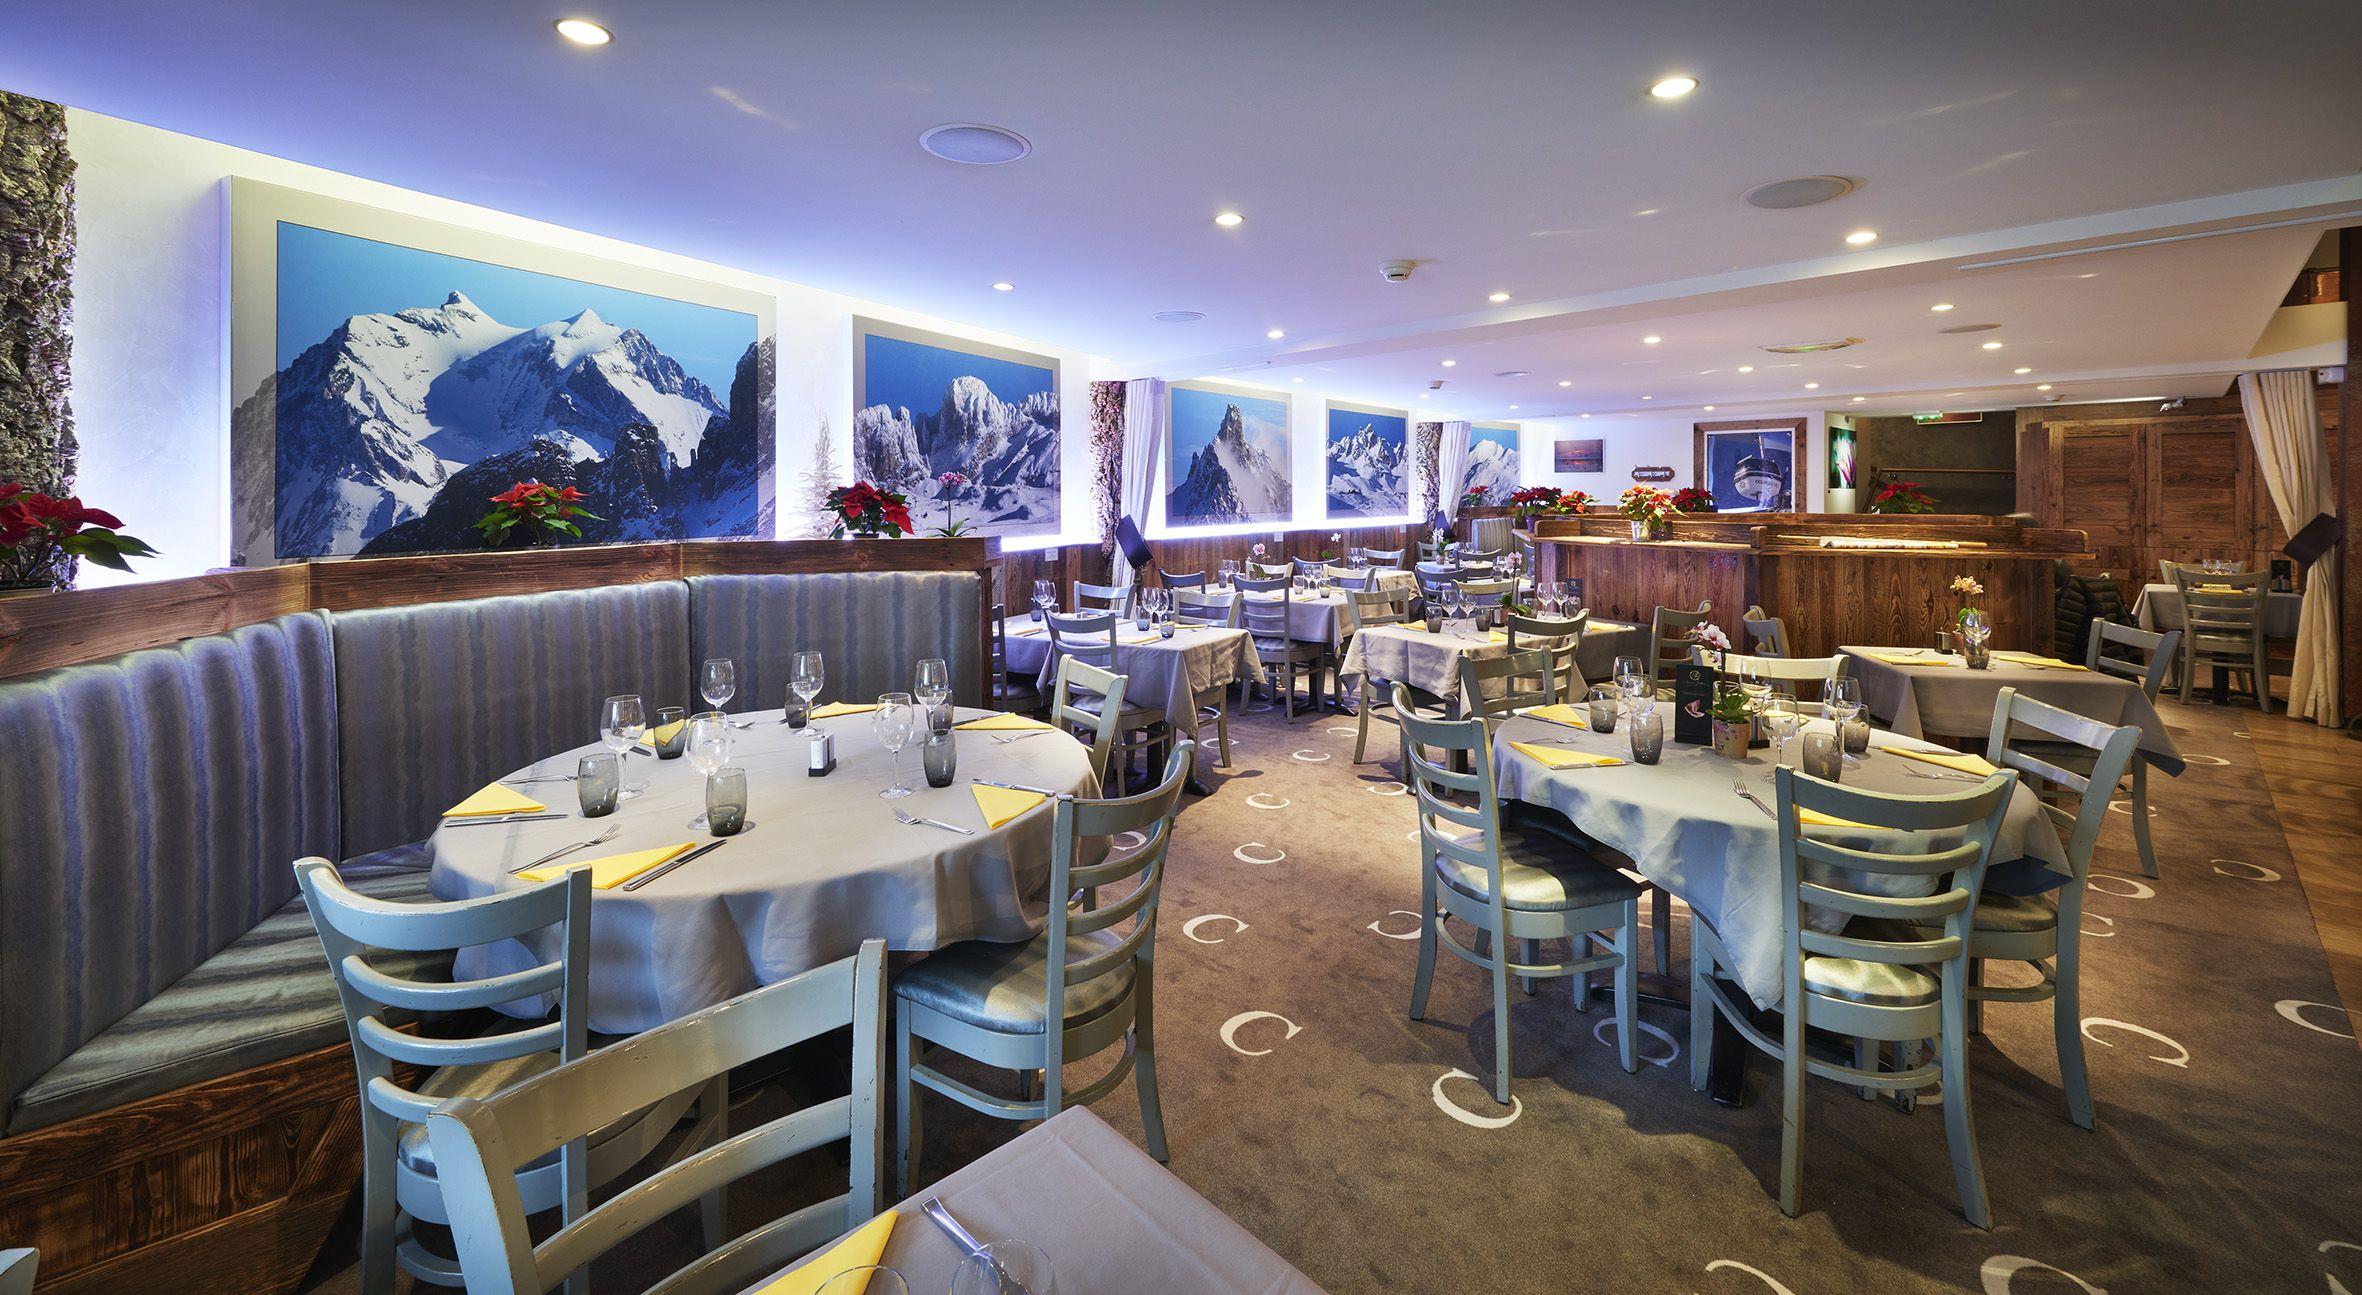 #Chabotté #Restaurant #Montagne #Bois #Bistronomie #Chef #Rochedy #Chabichou #Courchevel Crédit Photo : Philippe Barret